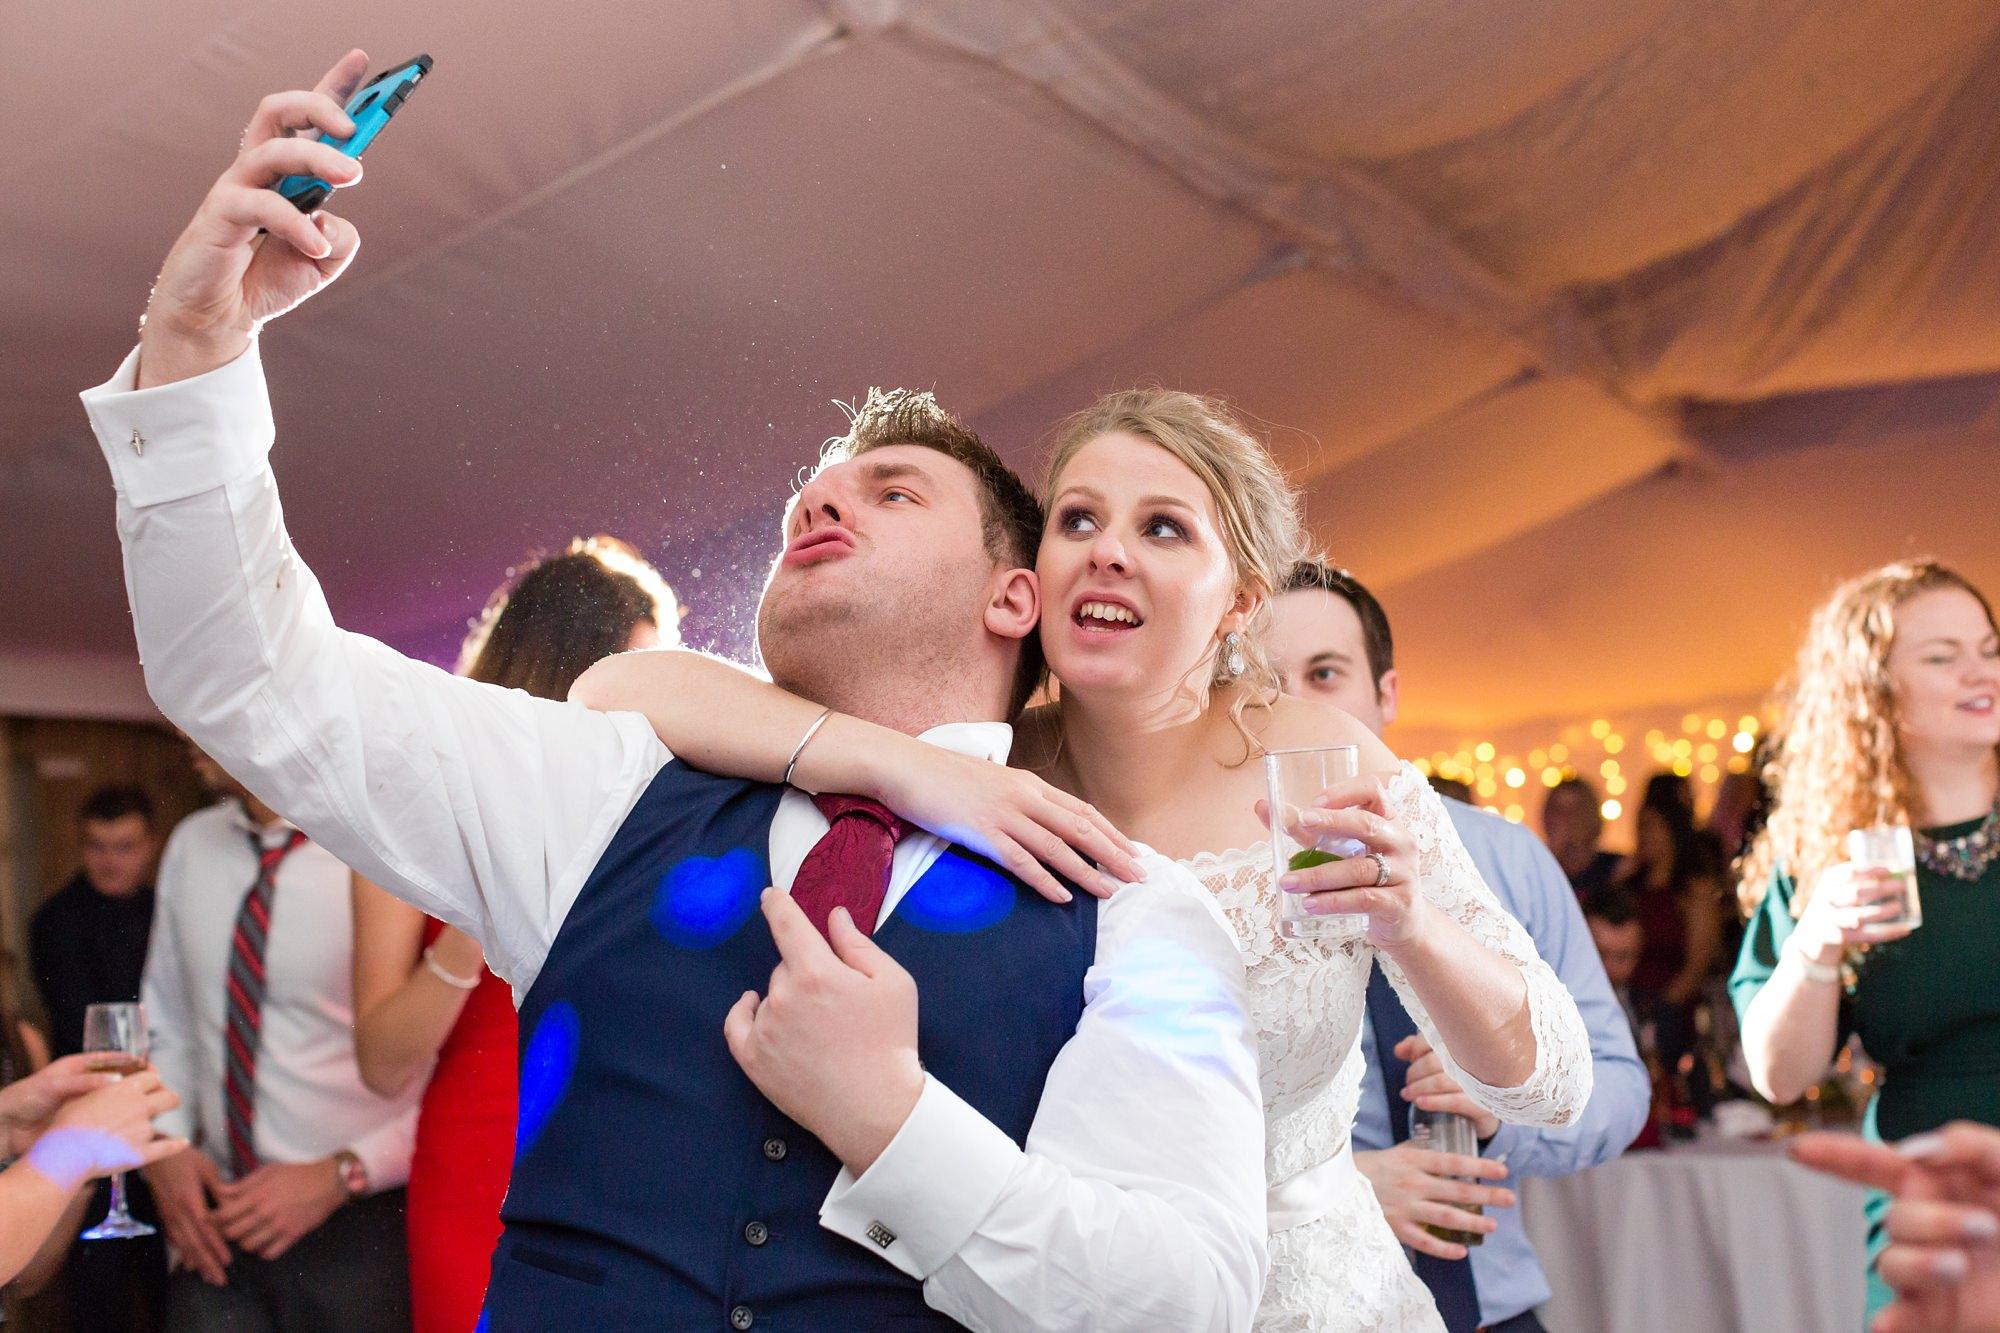 Bride & best man take selfie together